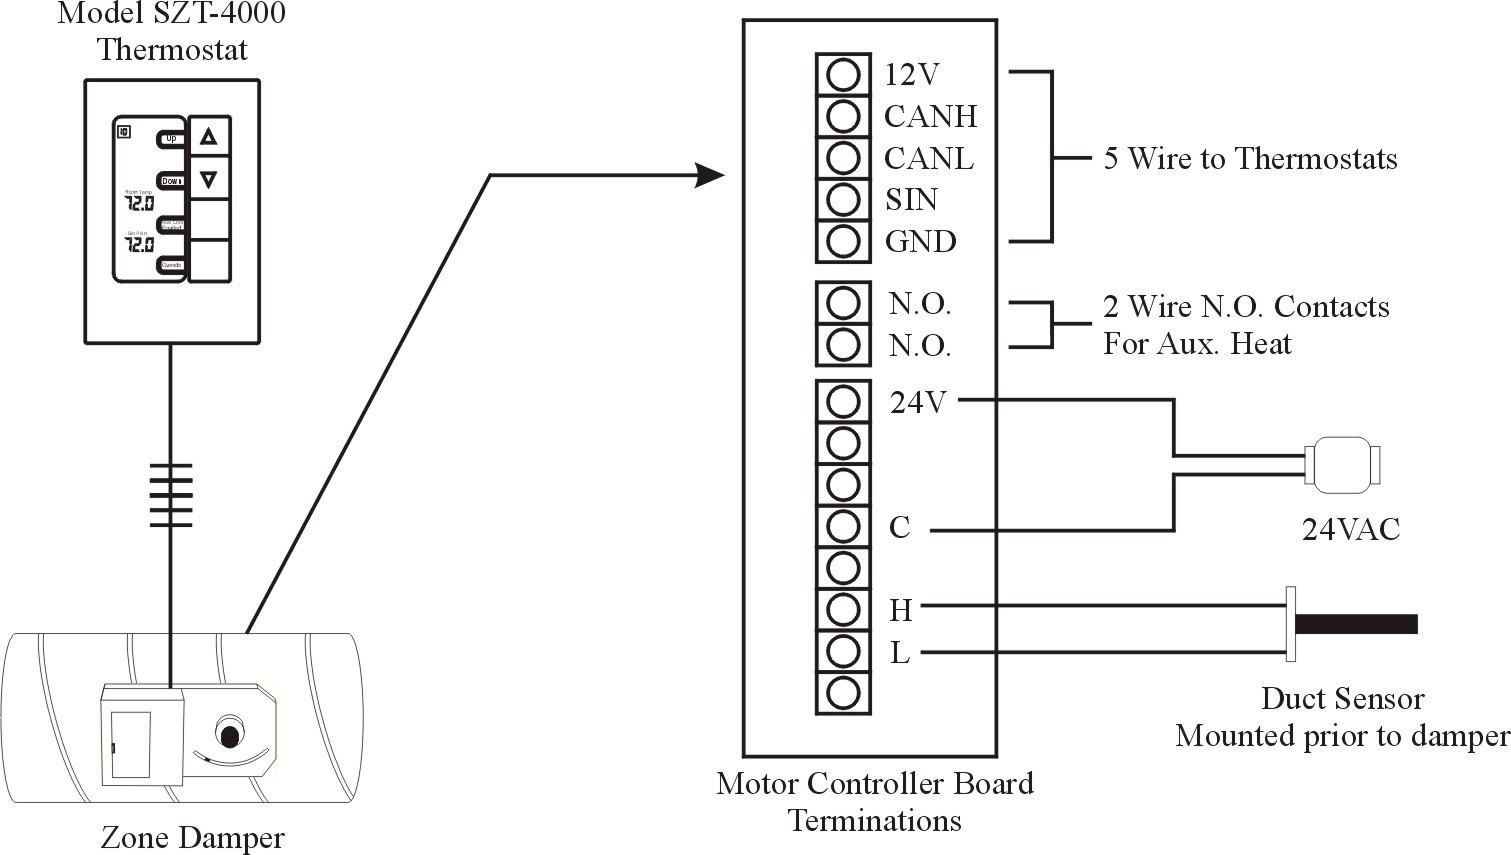 club car wiring key switch diagram also hvac smoke detector wiringwrg 8228] wiring diagram for